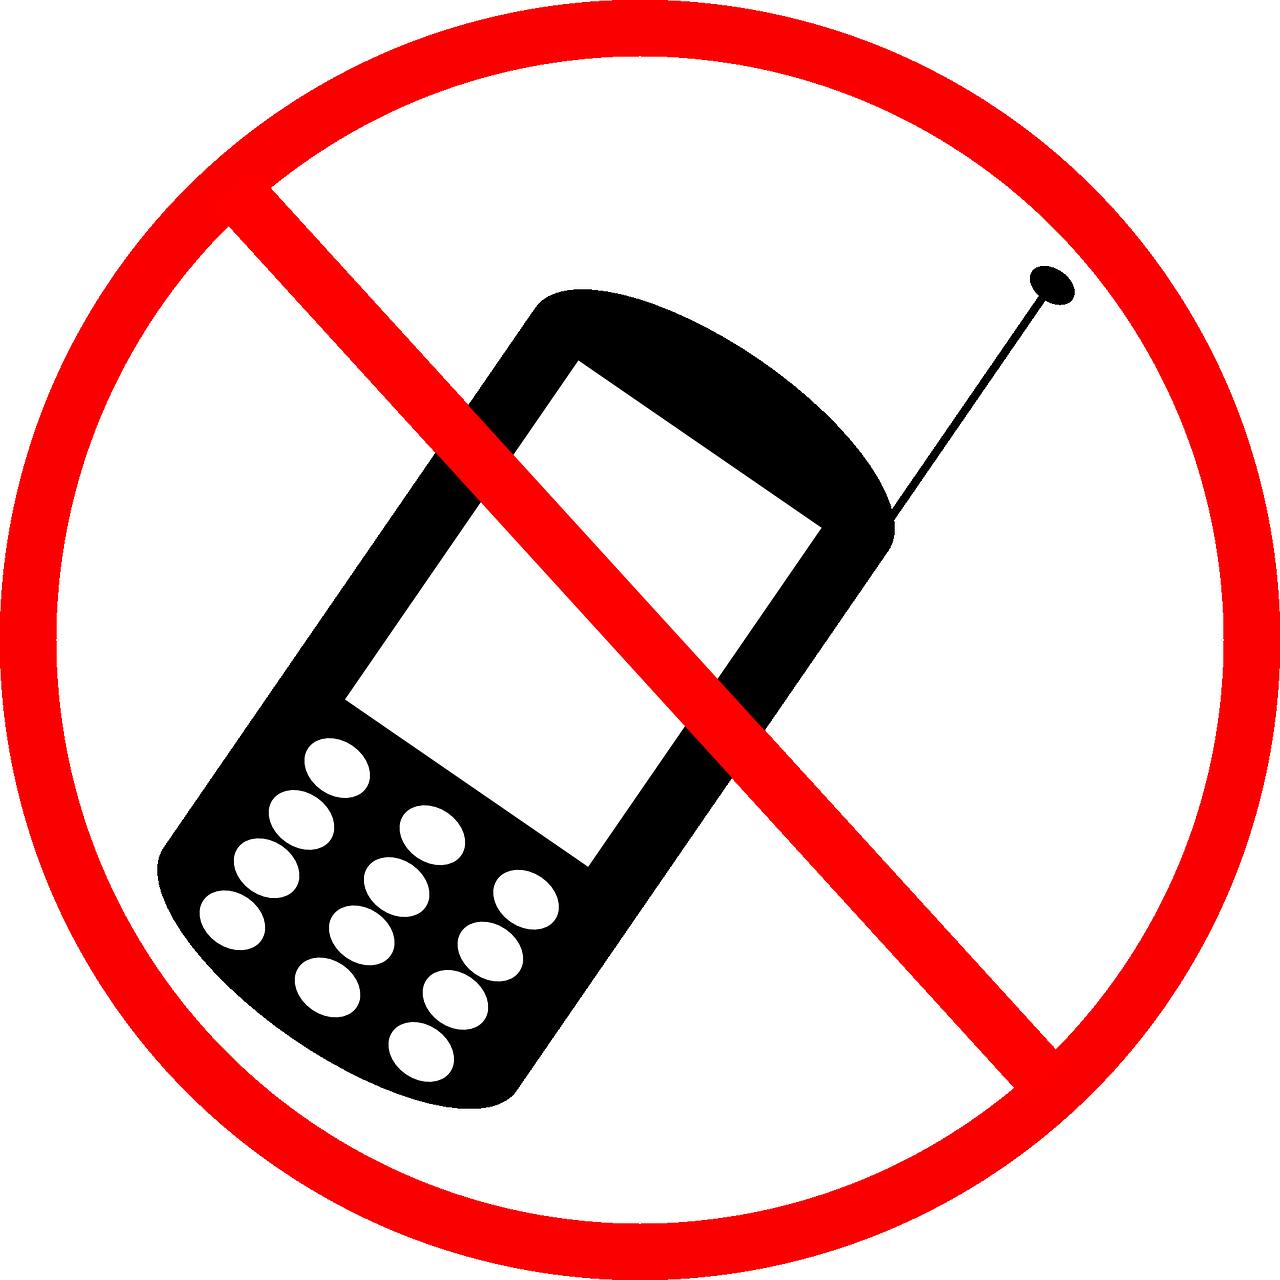 Для девочки, мобильный телефон запрещен картинка